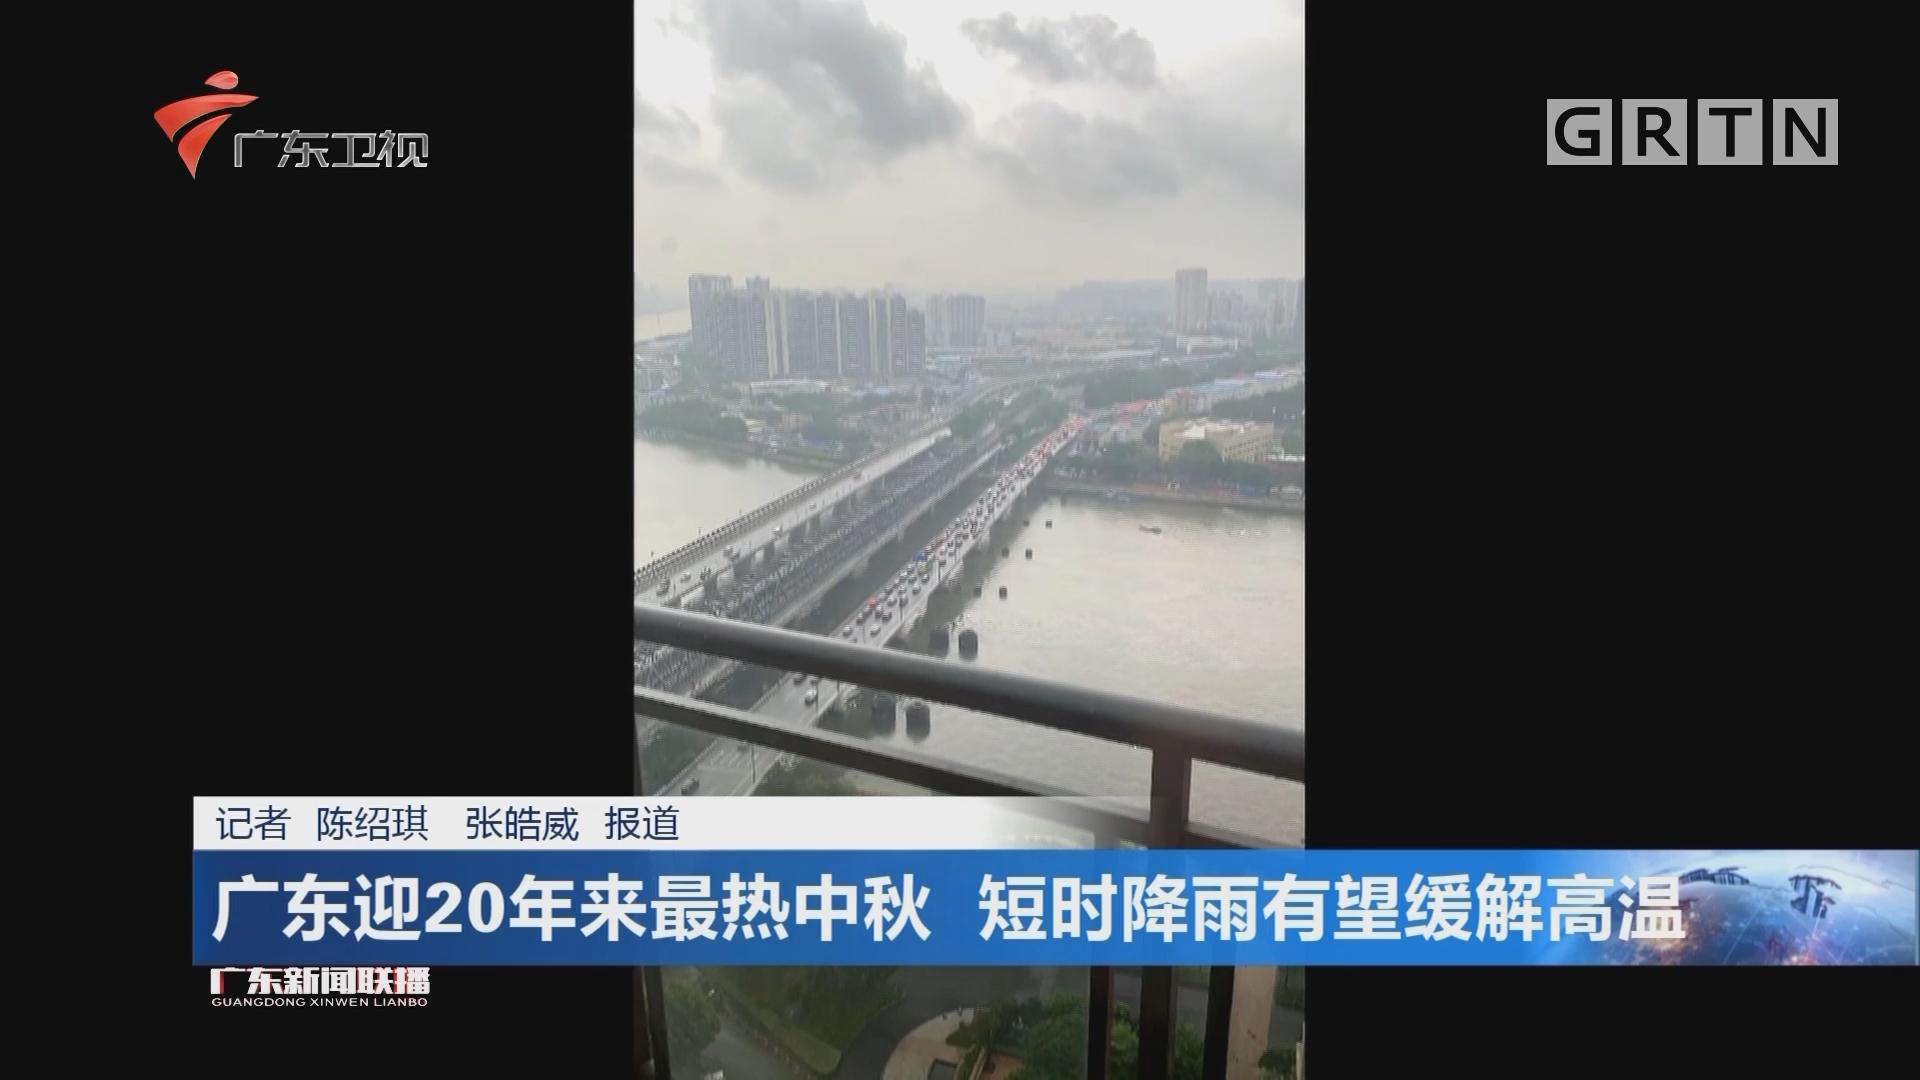 广东迎20年来最热中秋 短时降雨有望缓解高温